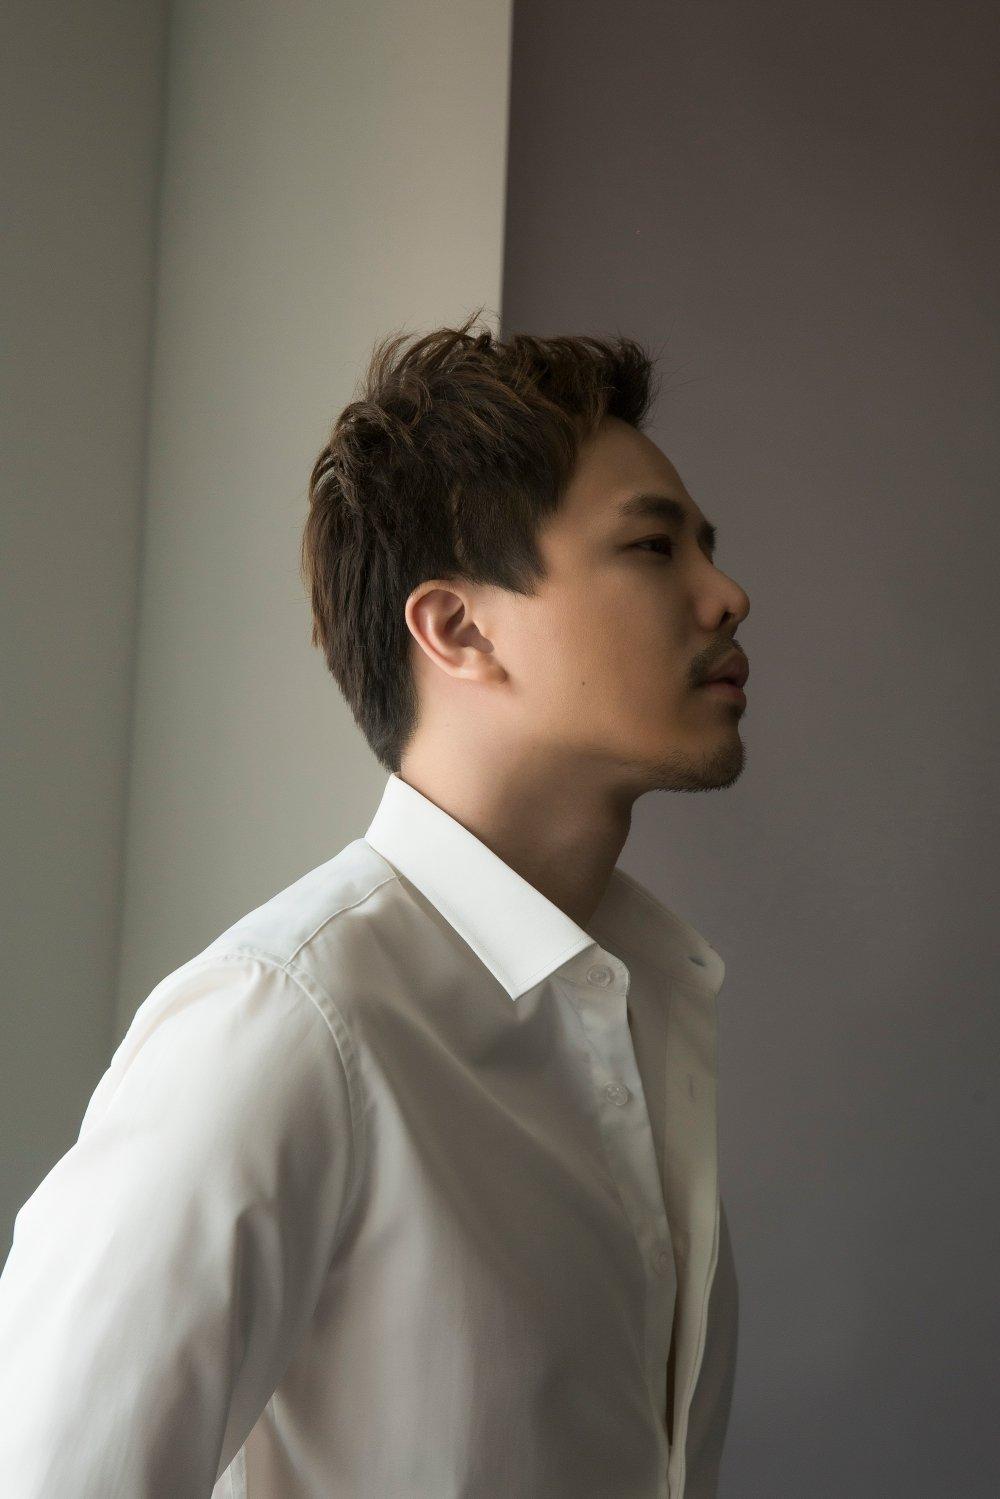 Day la dieu Trinh Thang Binh quan tam khi dong phim hinh anh 2